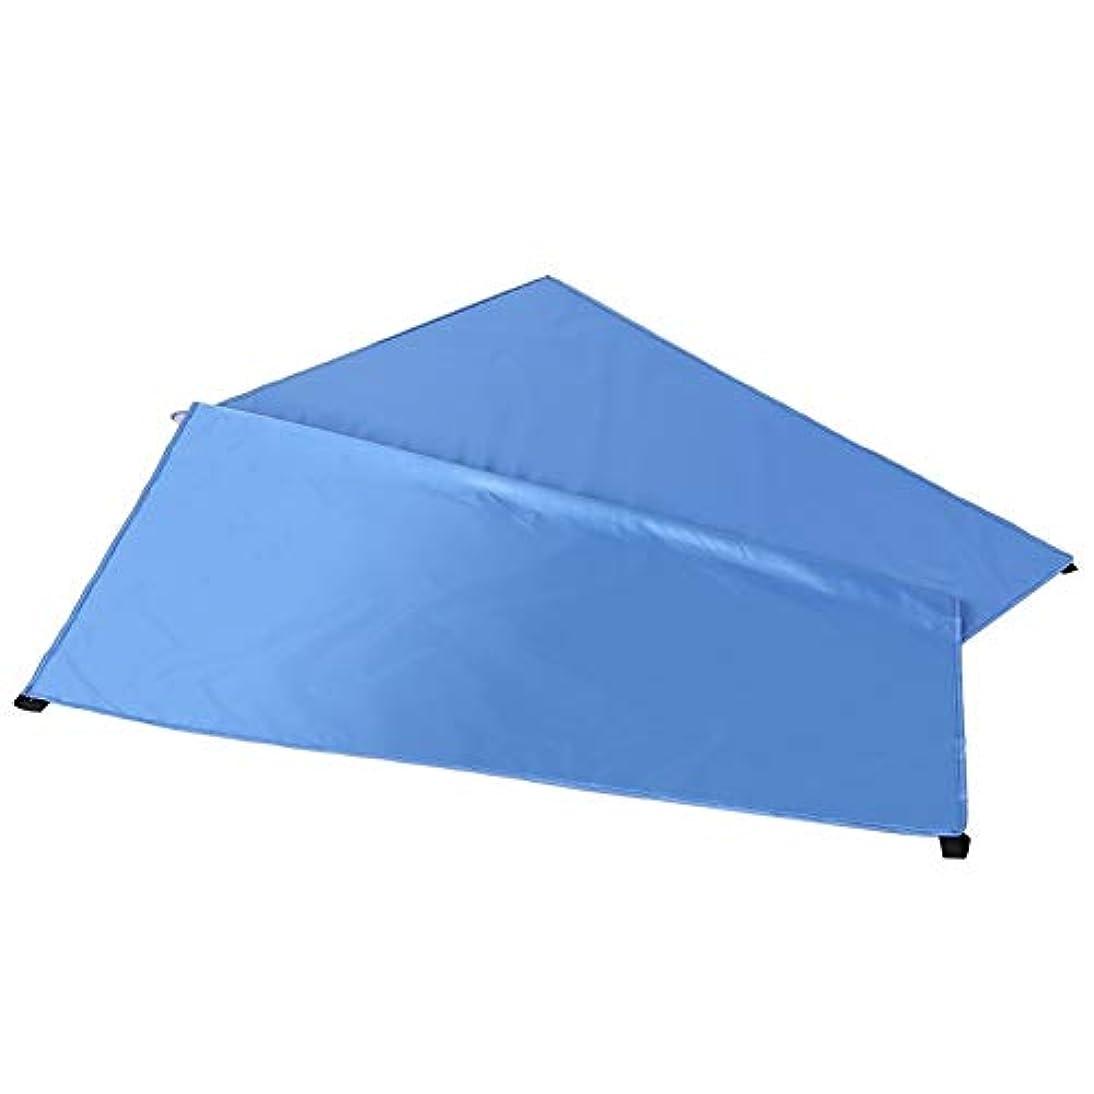 タヒチ代数絡み合い防水ポケットビーチアウトドアキャンプマット毛布軽量コンパクトアウトドアピクニックマットグラウンドシートタープキャンプマット w0g3f4c